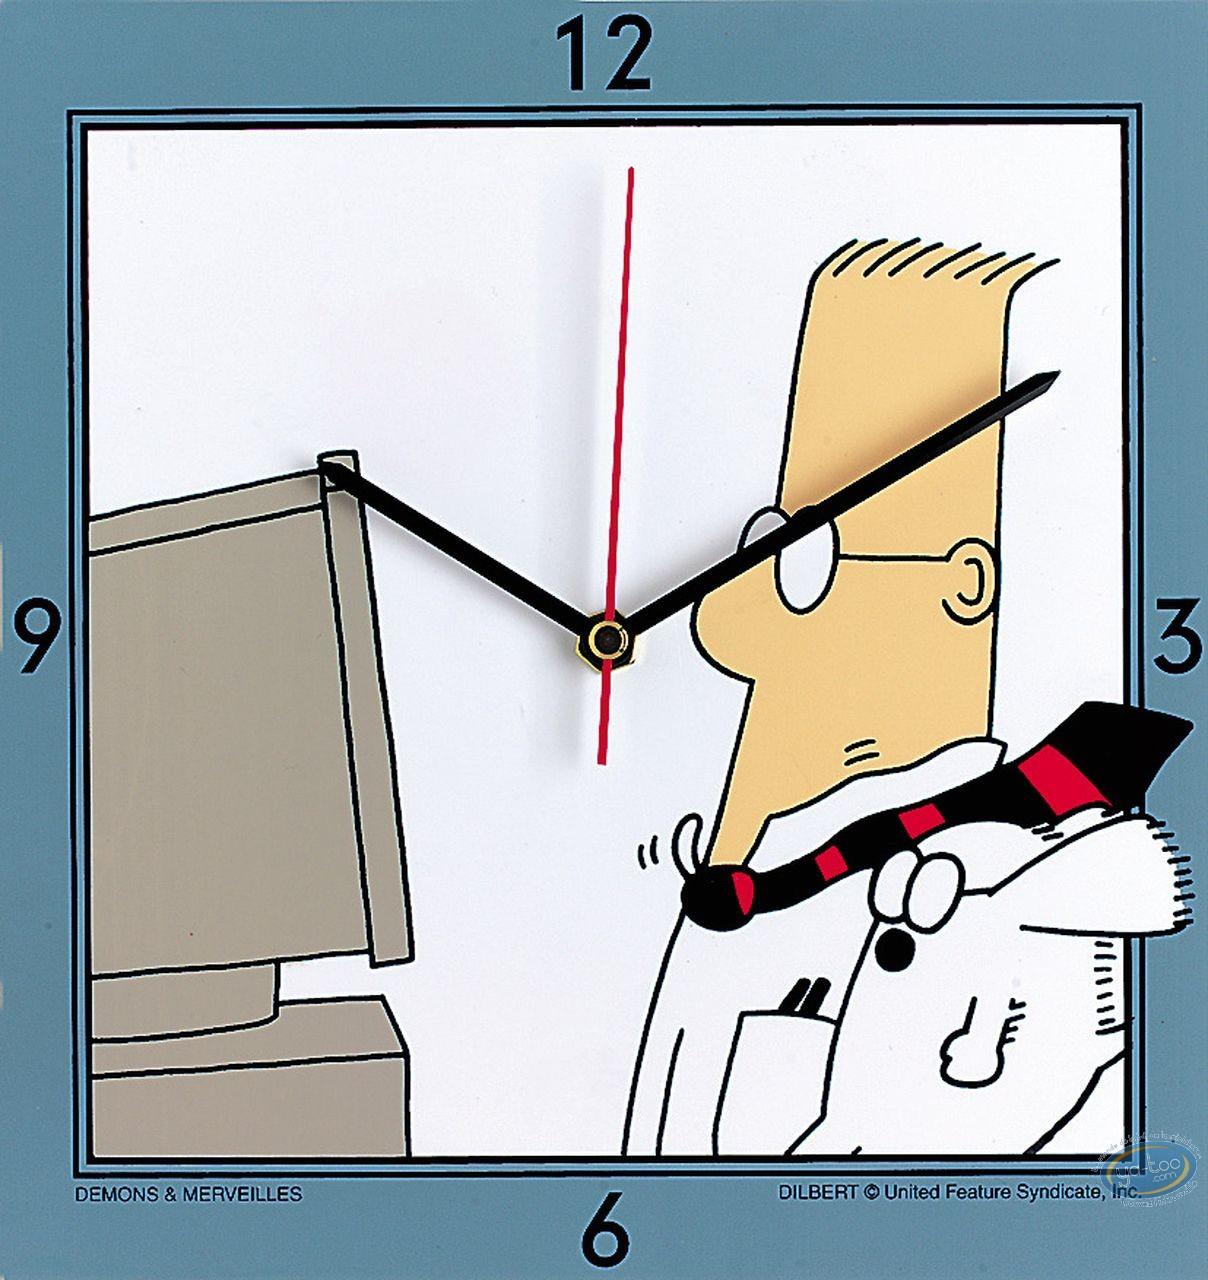 Clocks & Watches, Dilbert : Clock, Dilbert